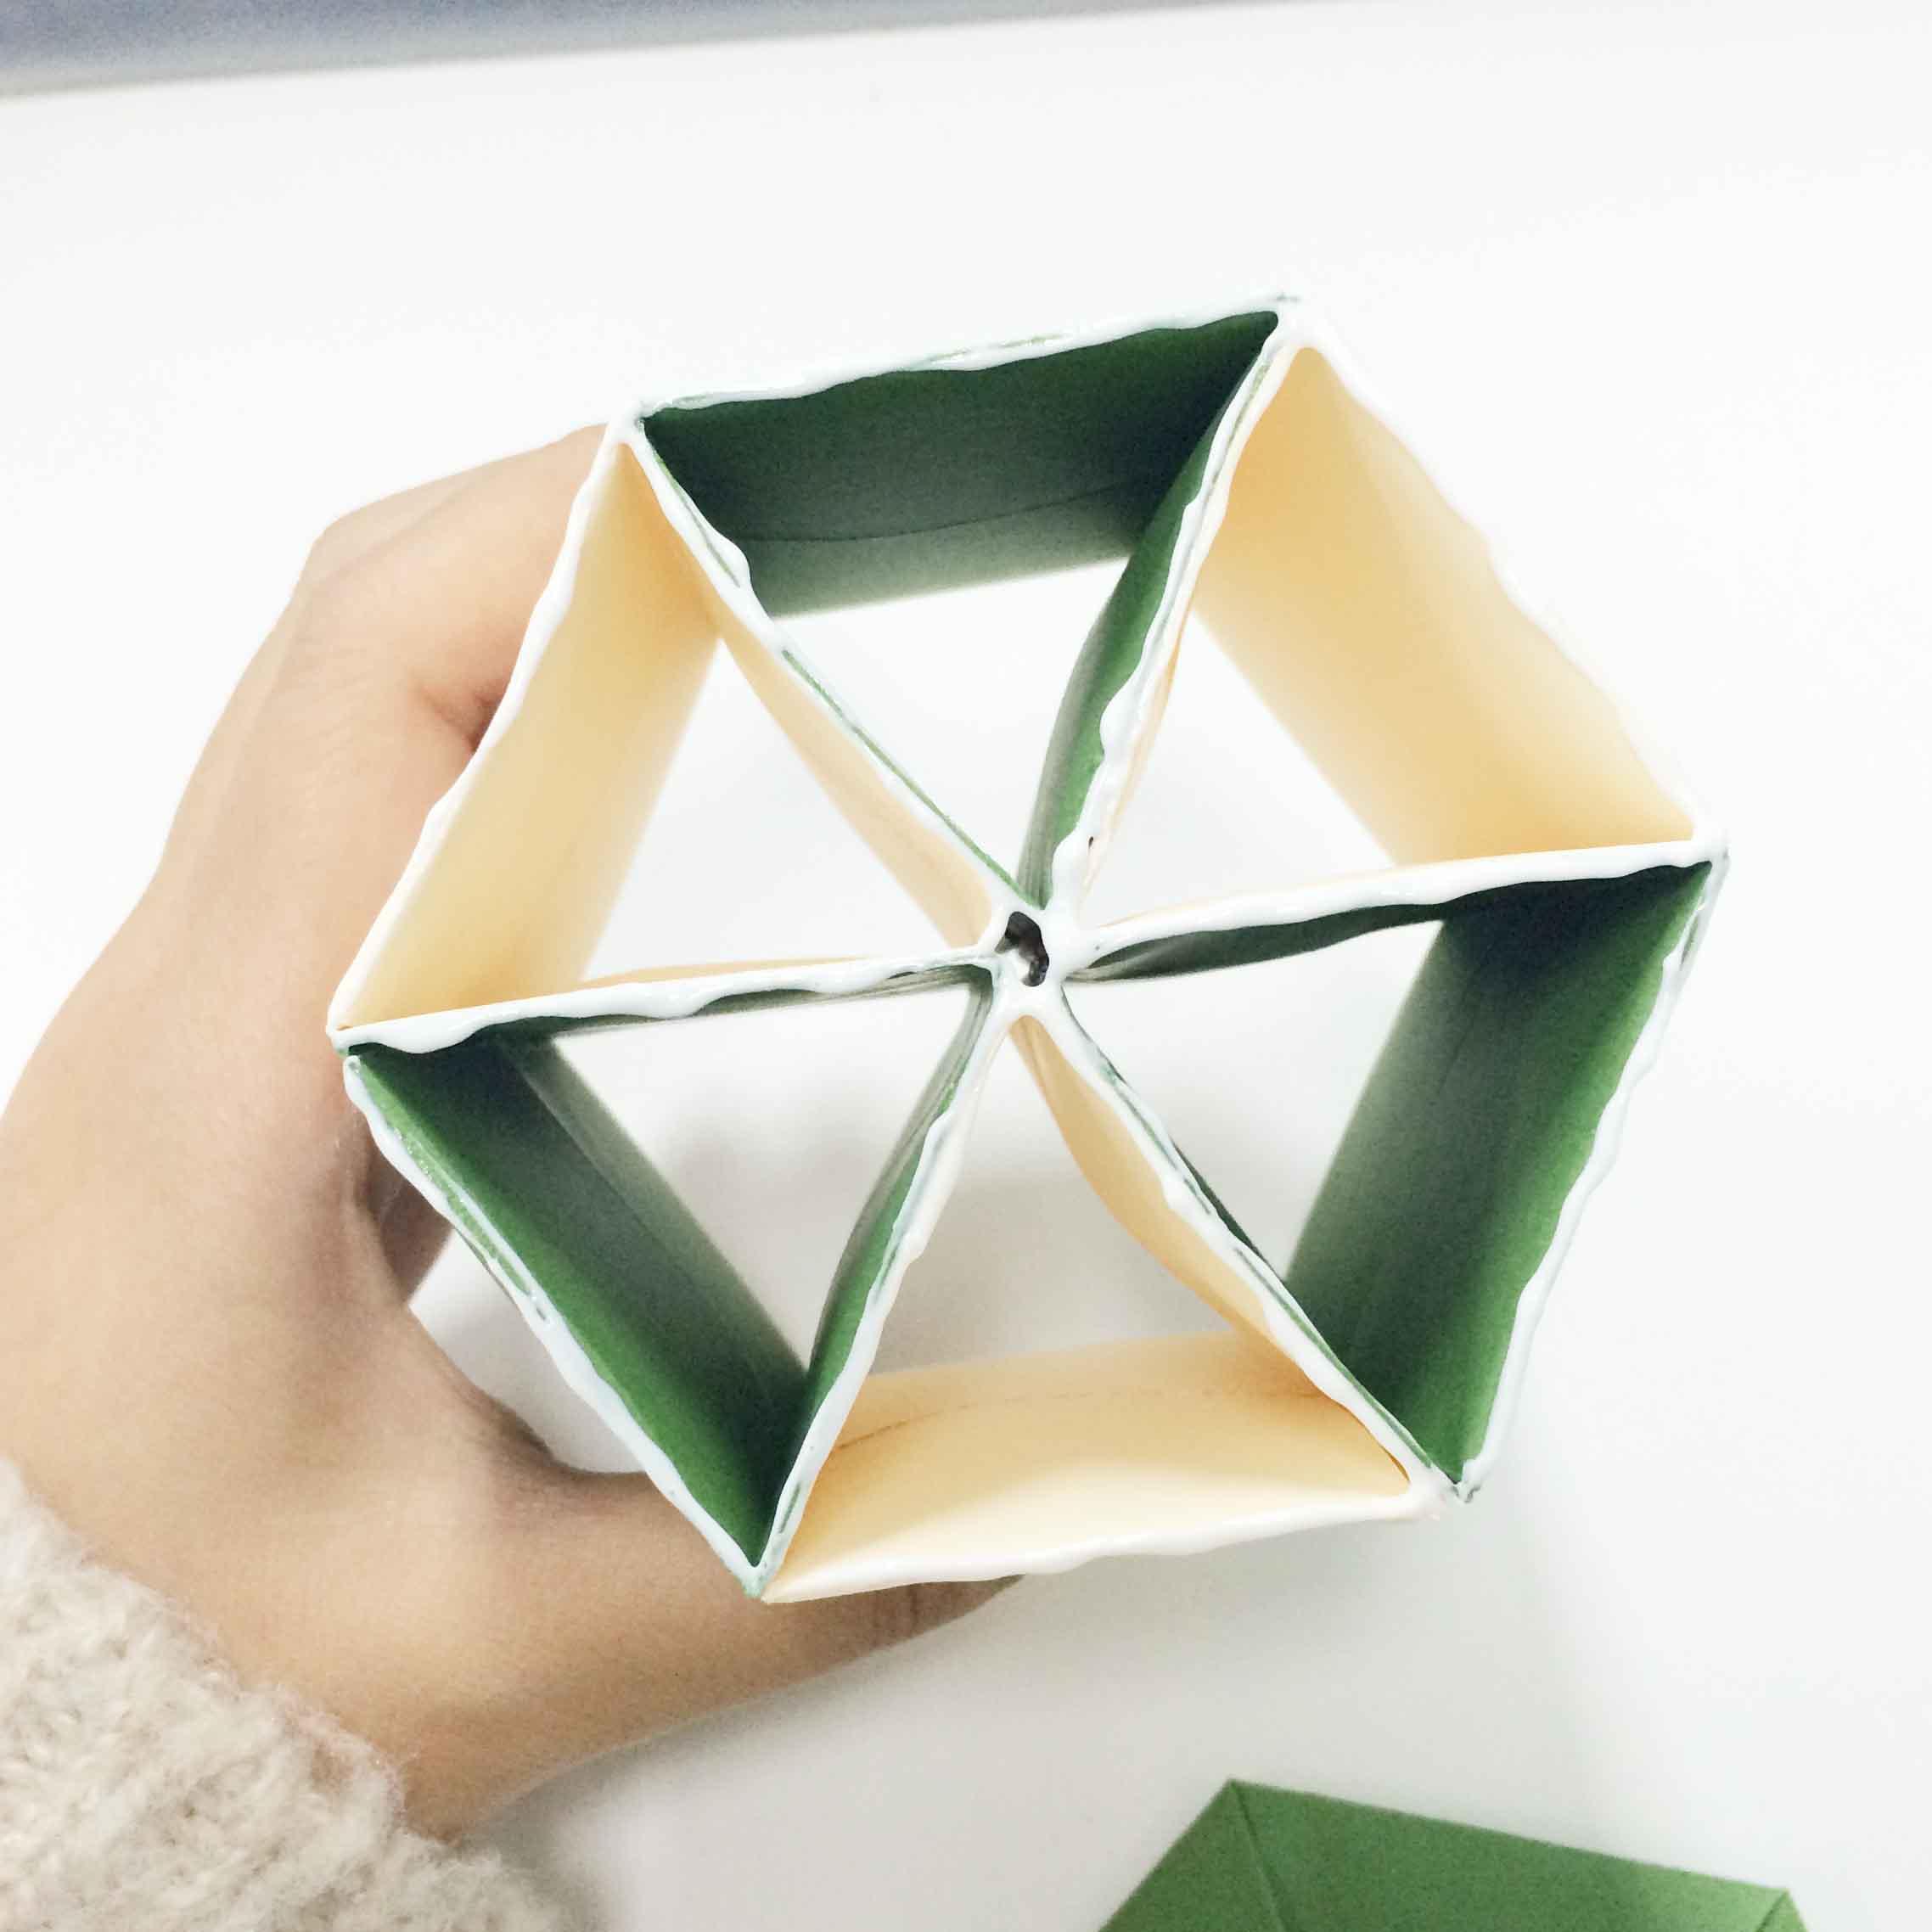 13. 把底部需要粘起來的一面的各個邊角都塗上木工膠! 木工膠是透明的,所以即使是塗抹多了也不用擔心喔~完全不影響美觀的...